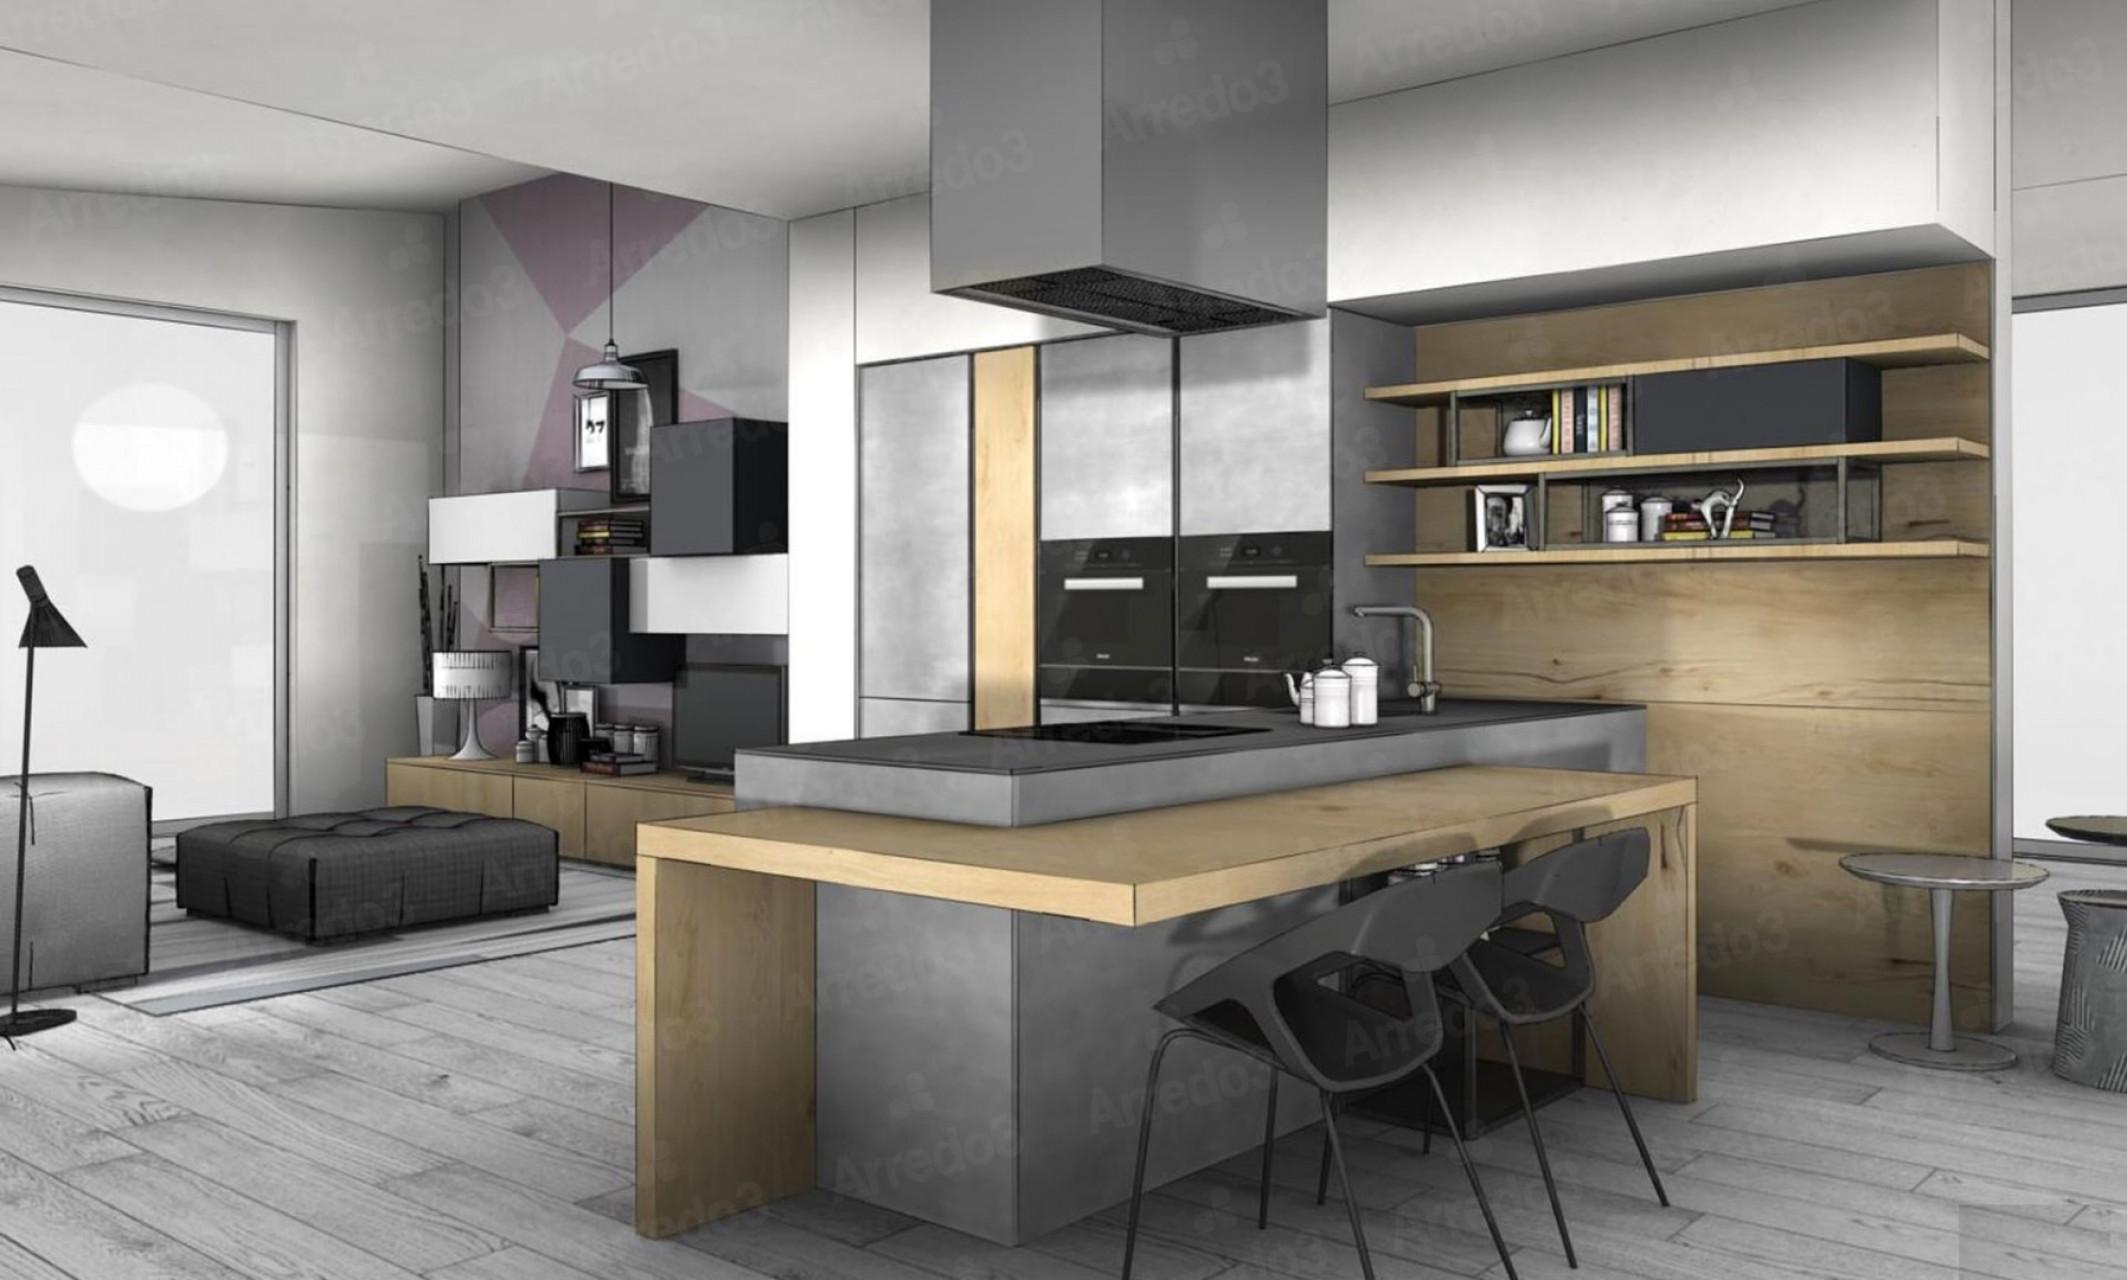 Итальянская Кухня TIME IM03 | Цена на Кухня TIME IM03 ARREDO3